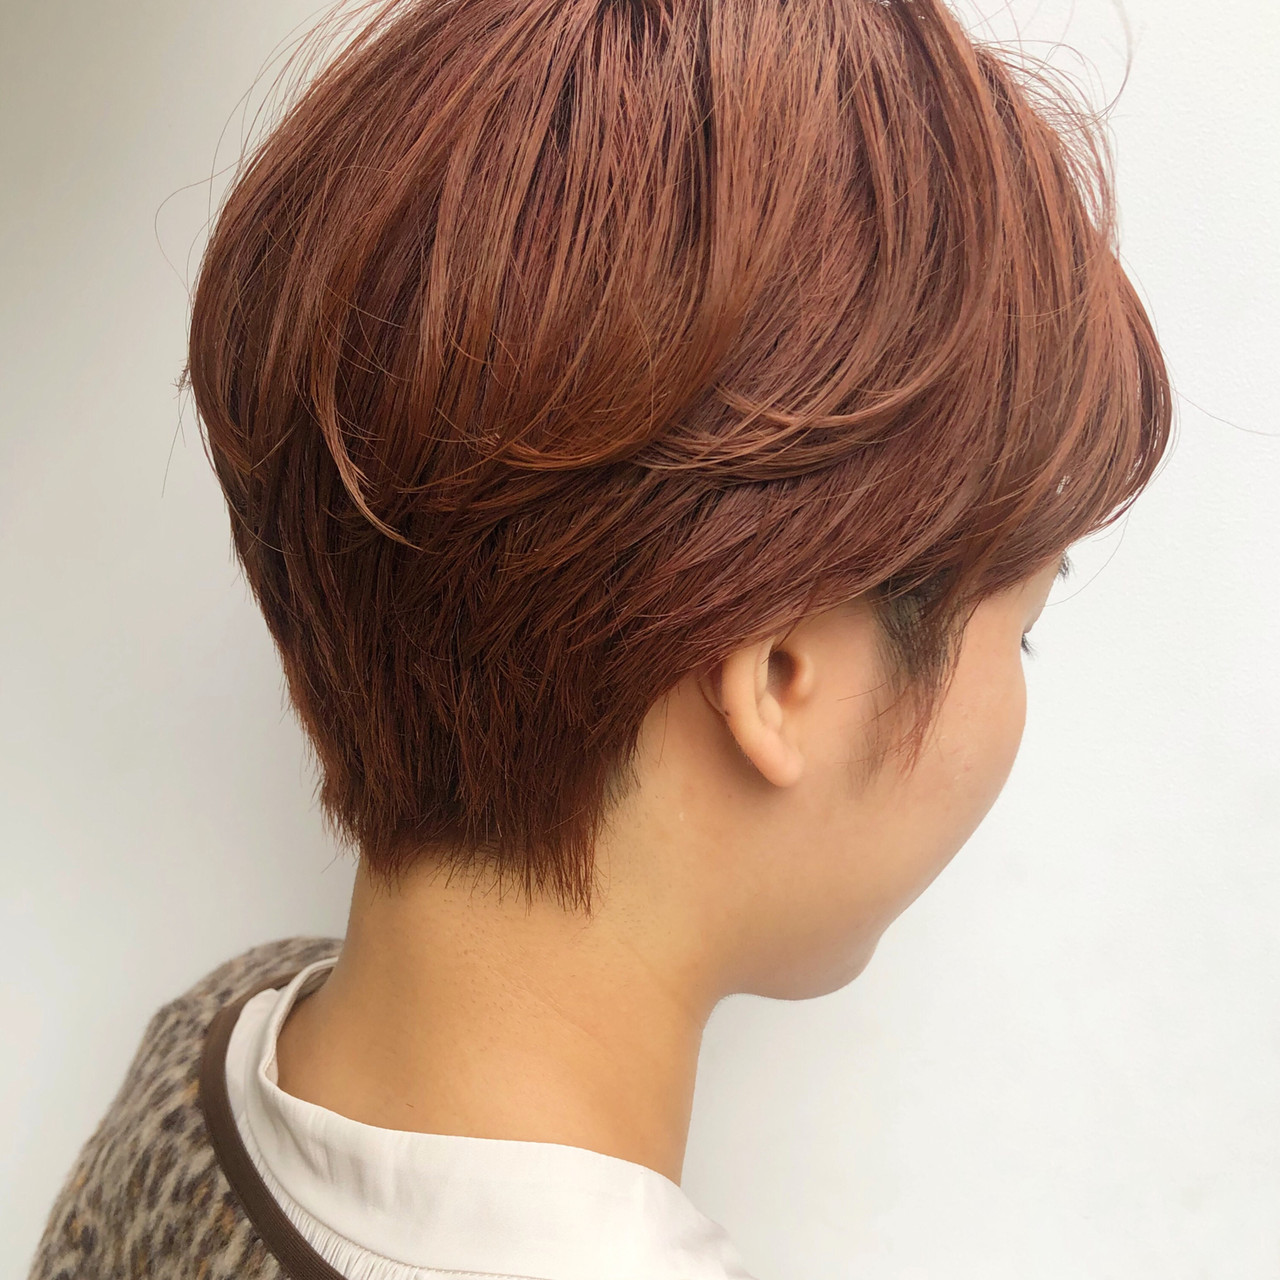 オレンジベージュ ナチュラル ショート オレンジブラウン ヘアスタイルや髪型の写真・画像